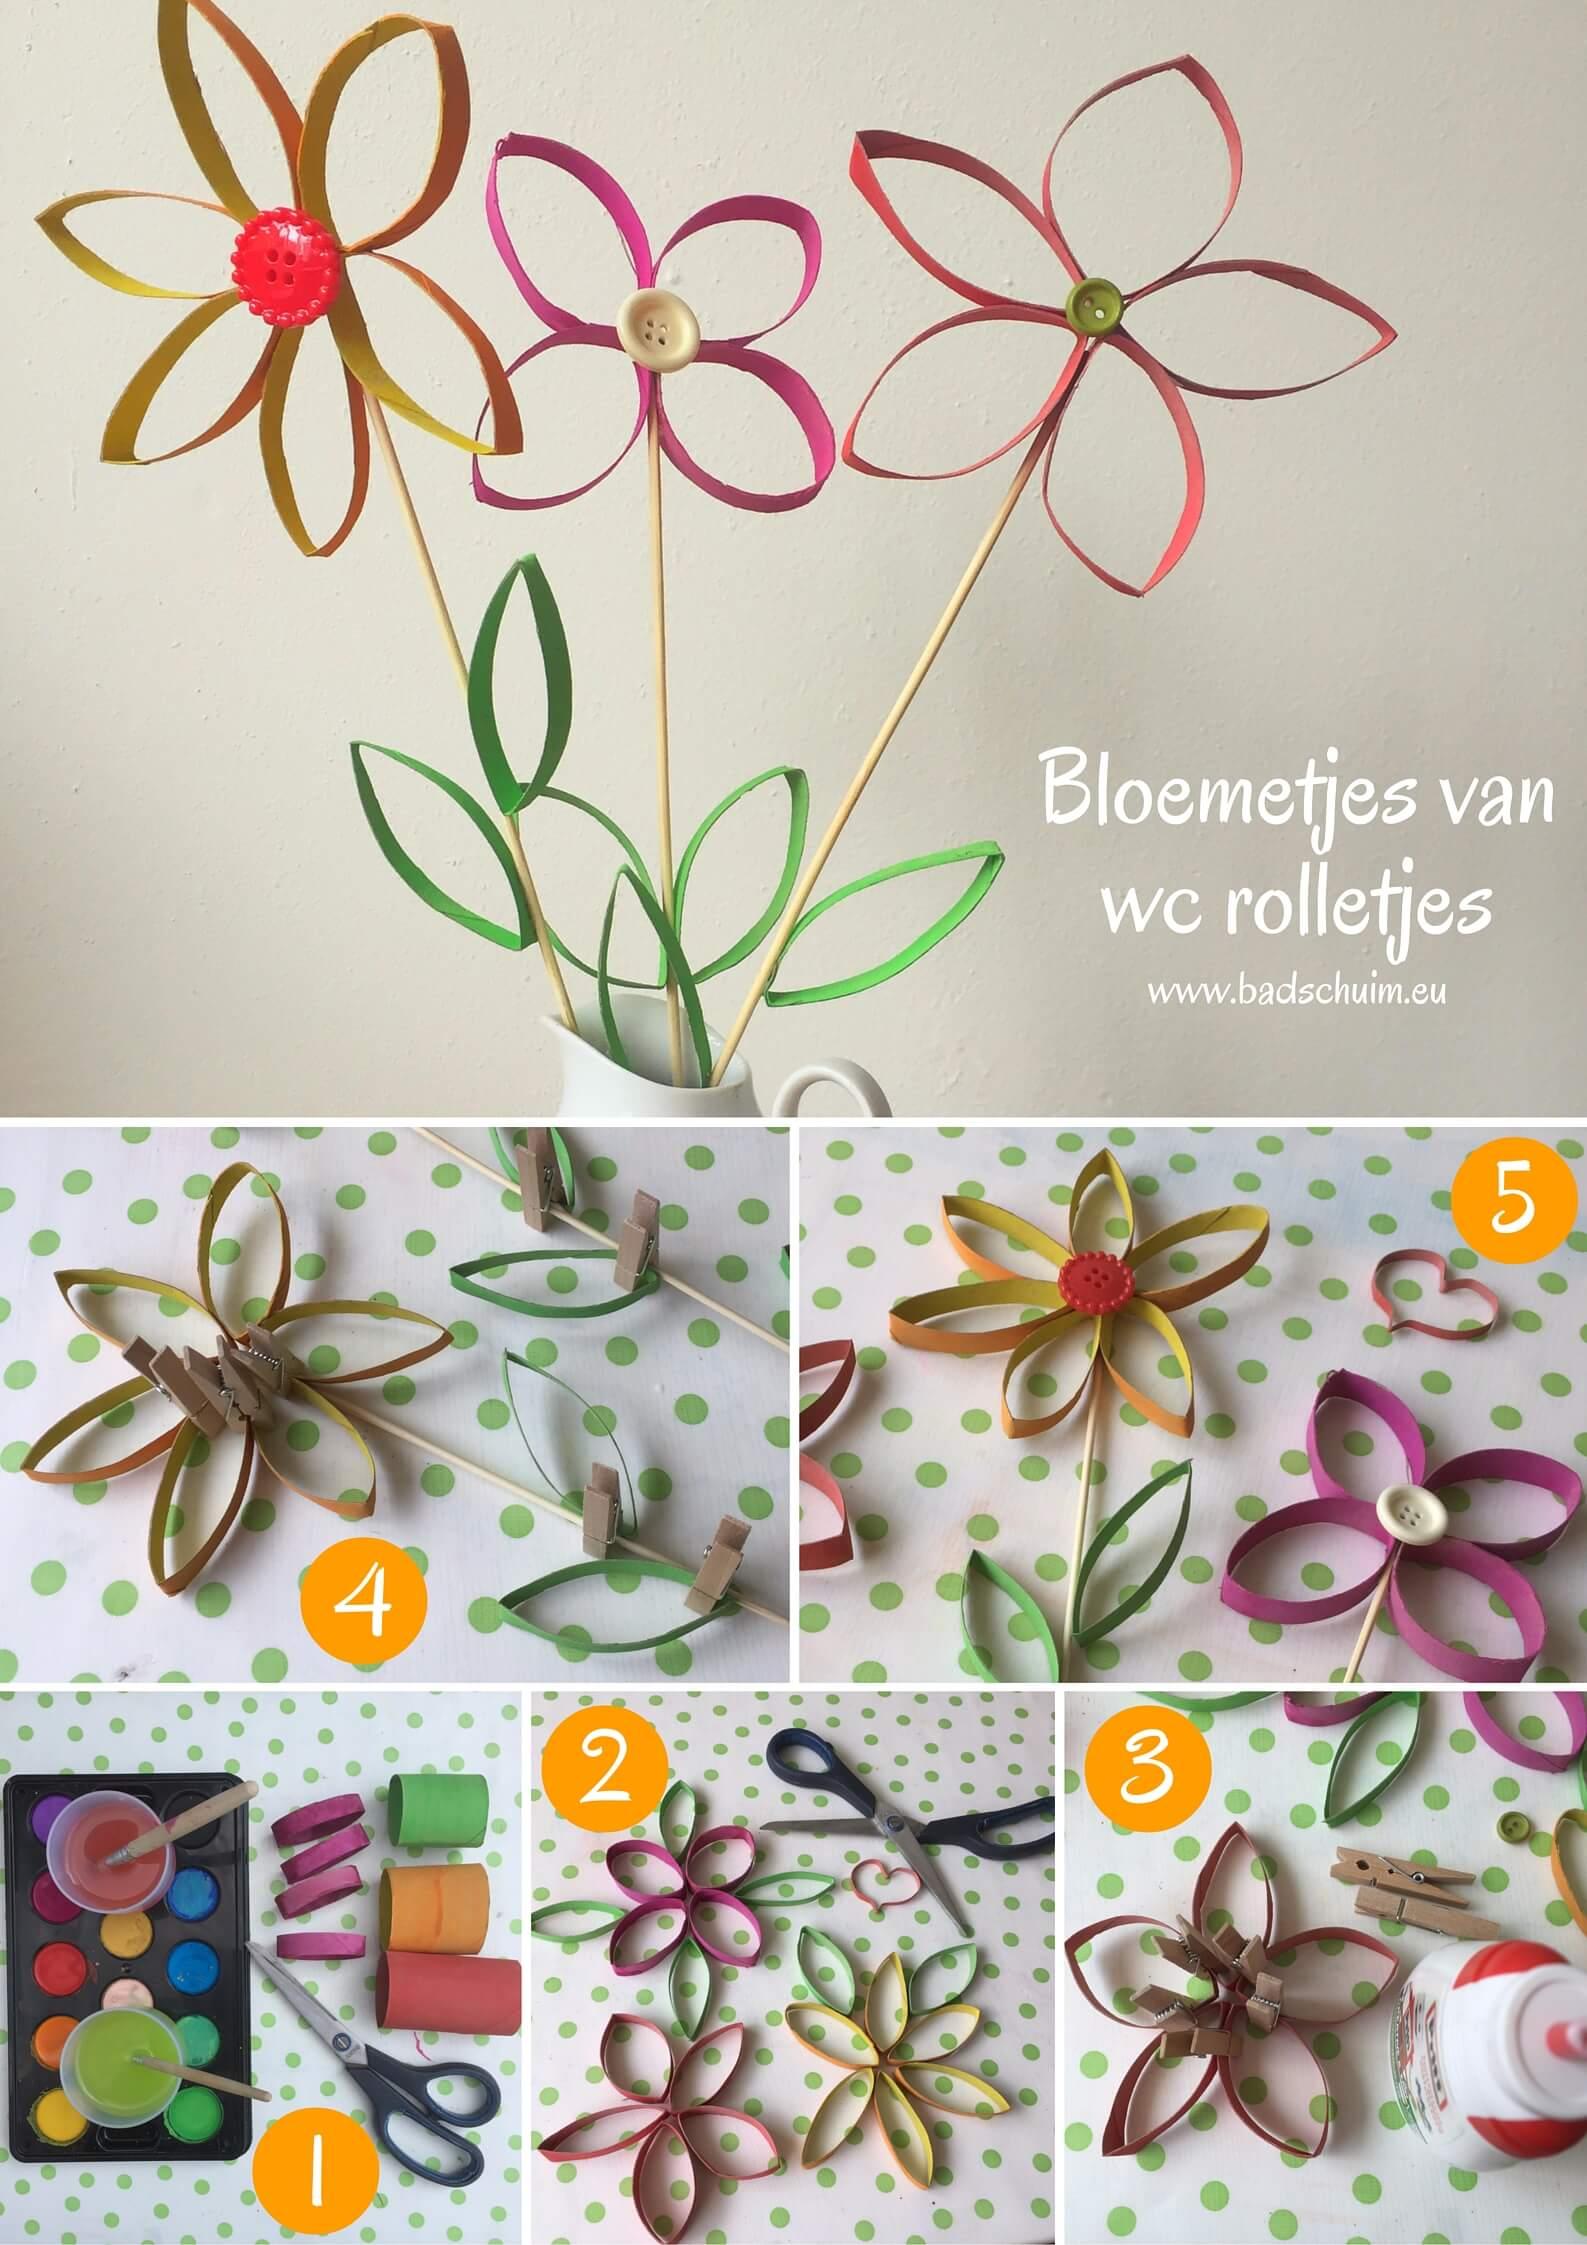 Geef eens bloemetjes van wc rolletjes cadeau. Simpel te maken (ook met kids) met dit DIY foto stappenplan. Eigenlijk zo leuk dat je ze zelf wilt houden! Wc rolletjes bloem, wc rol bloem, bloem van een wc rol, bloem knutselen van een wc rol, knutselen met wc rolletjes,